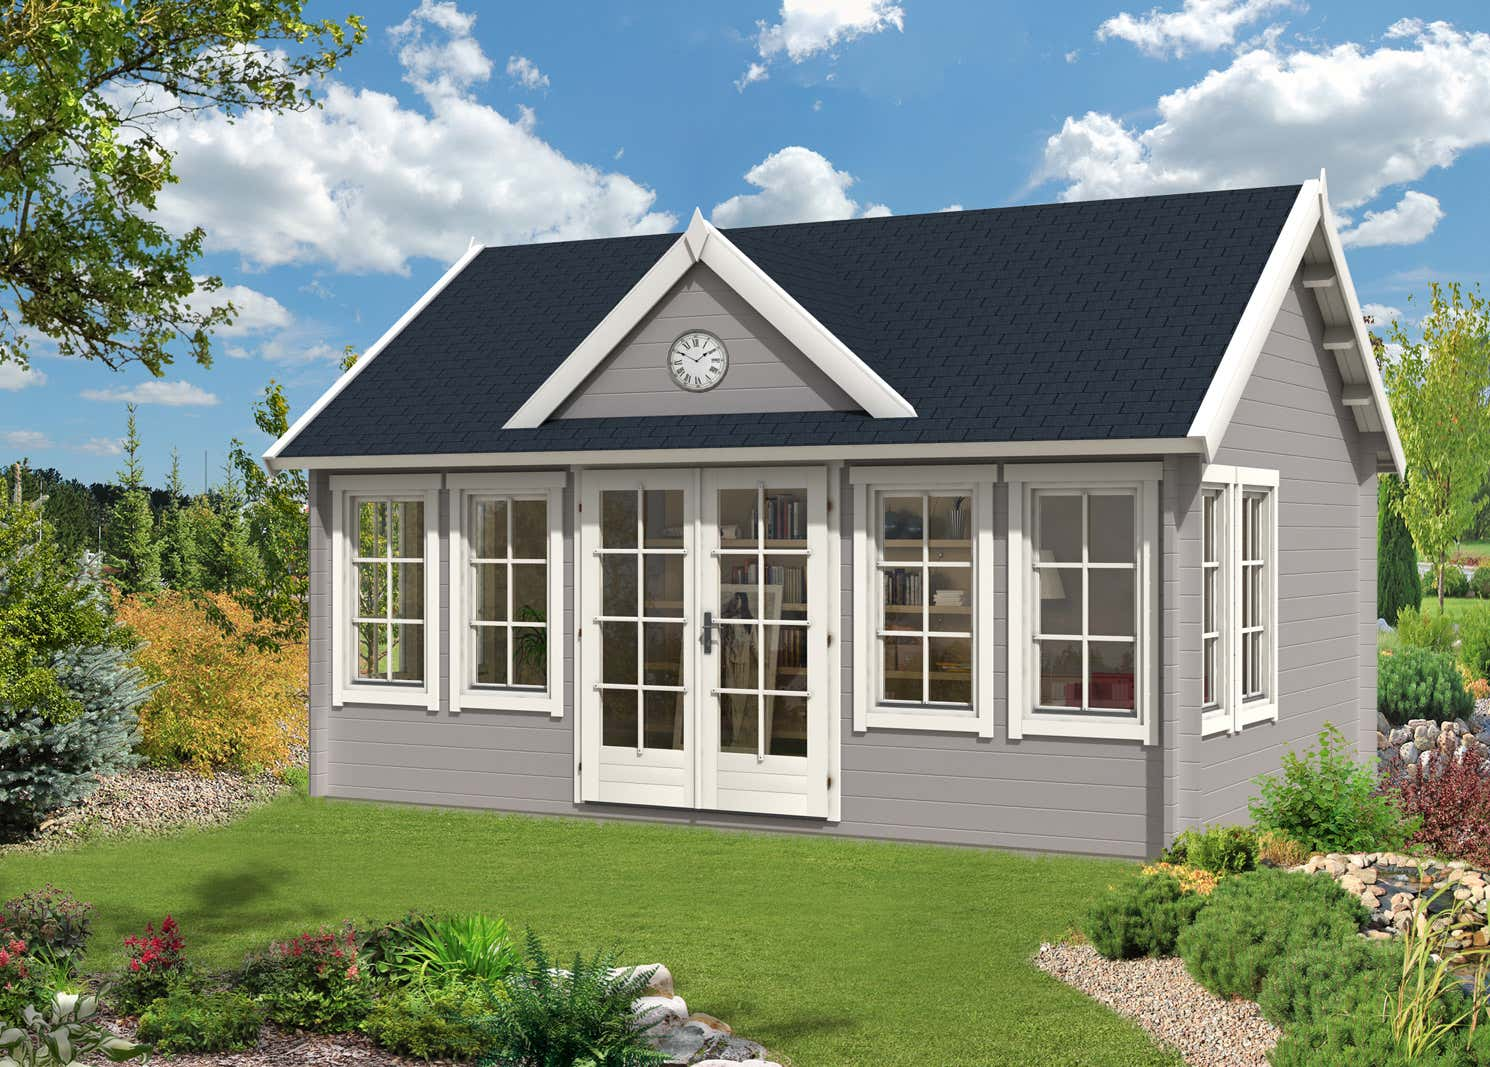 gartenhaus modell clockhouse xl 44 a z gartenhaus gmbh. Black Bedroom Furniture Sets. Home Design Ideas